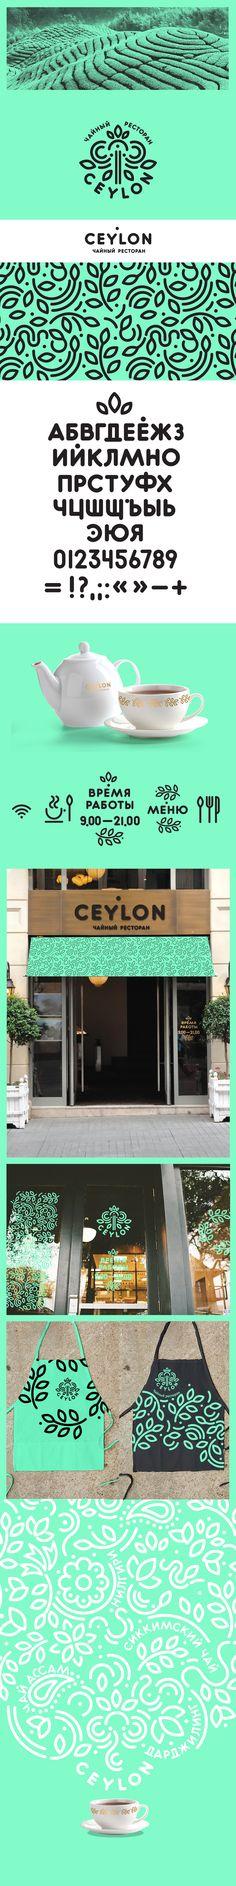 CEYLON tea restaurant on Behance